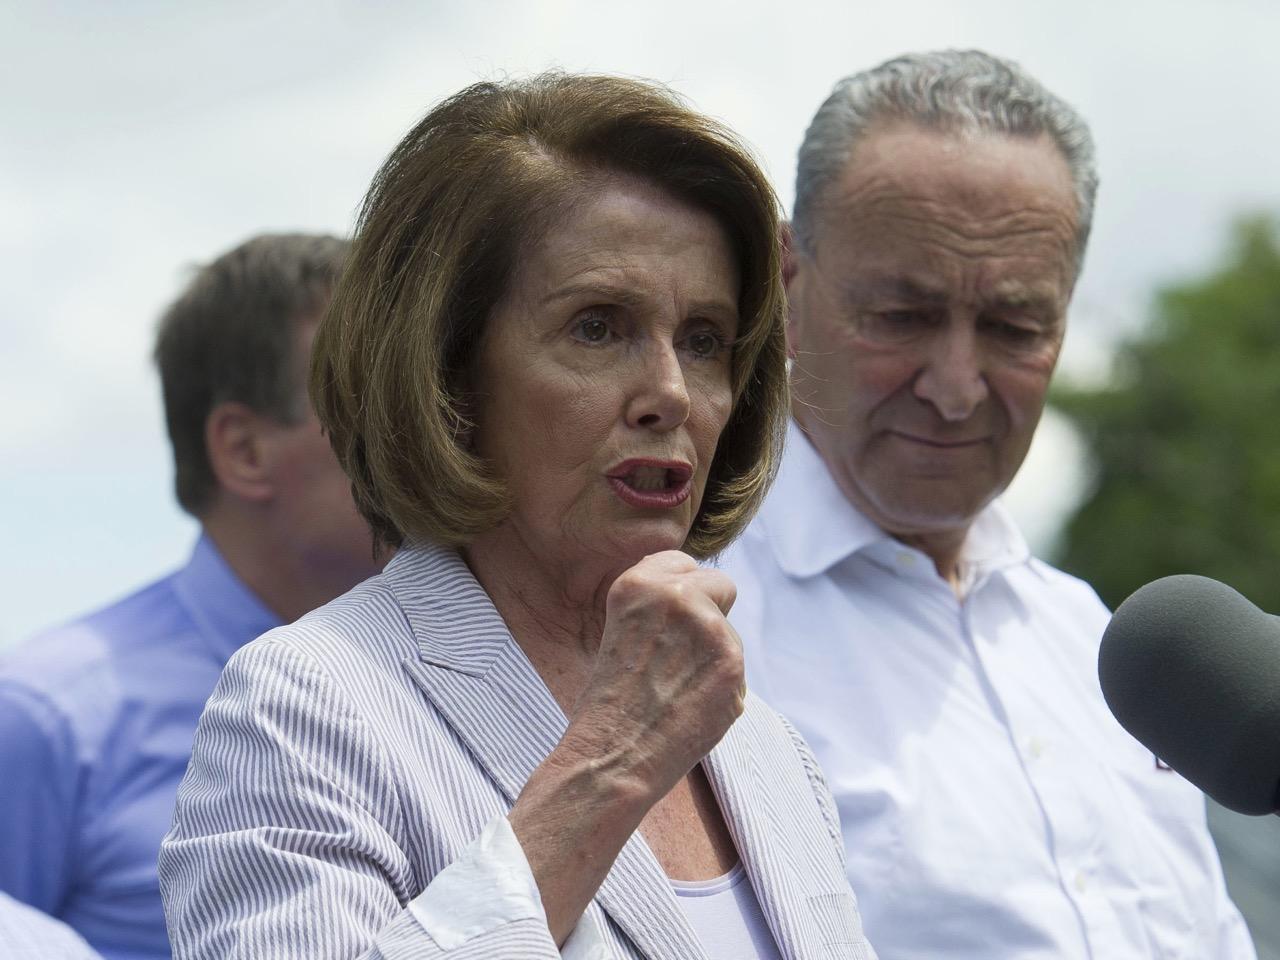 Democrats Message